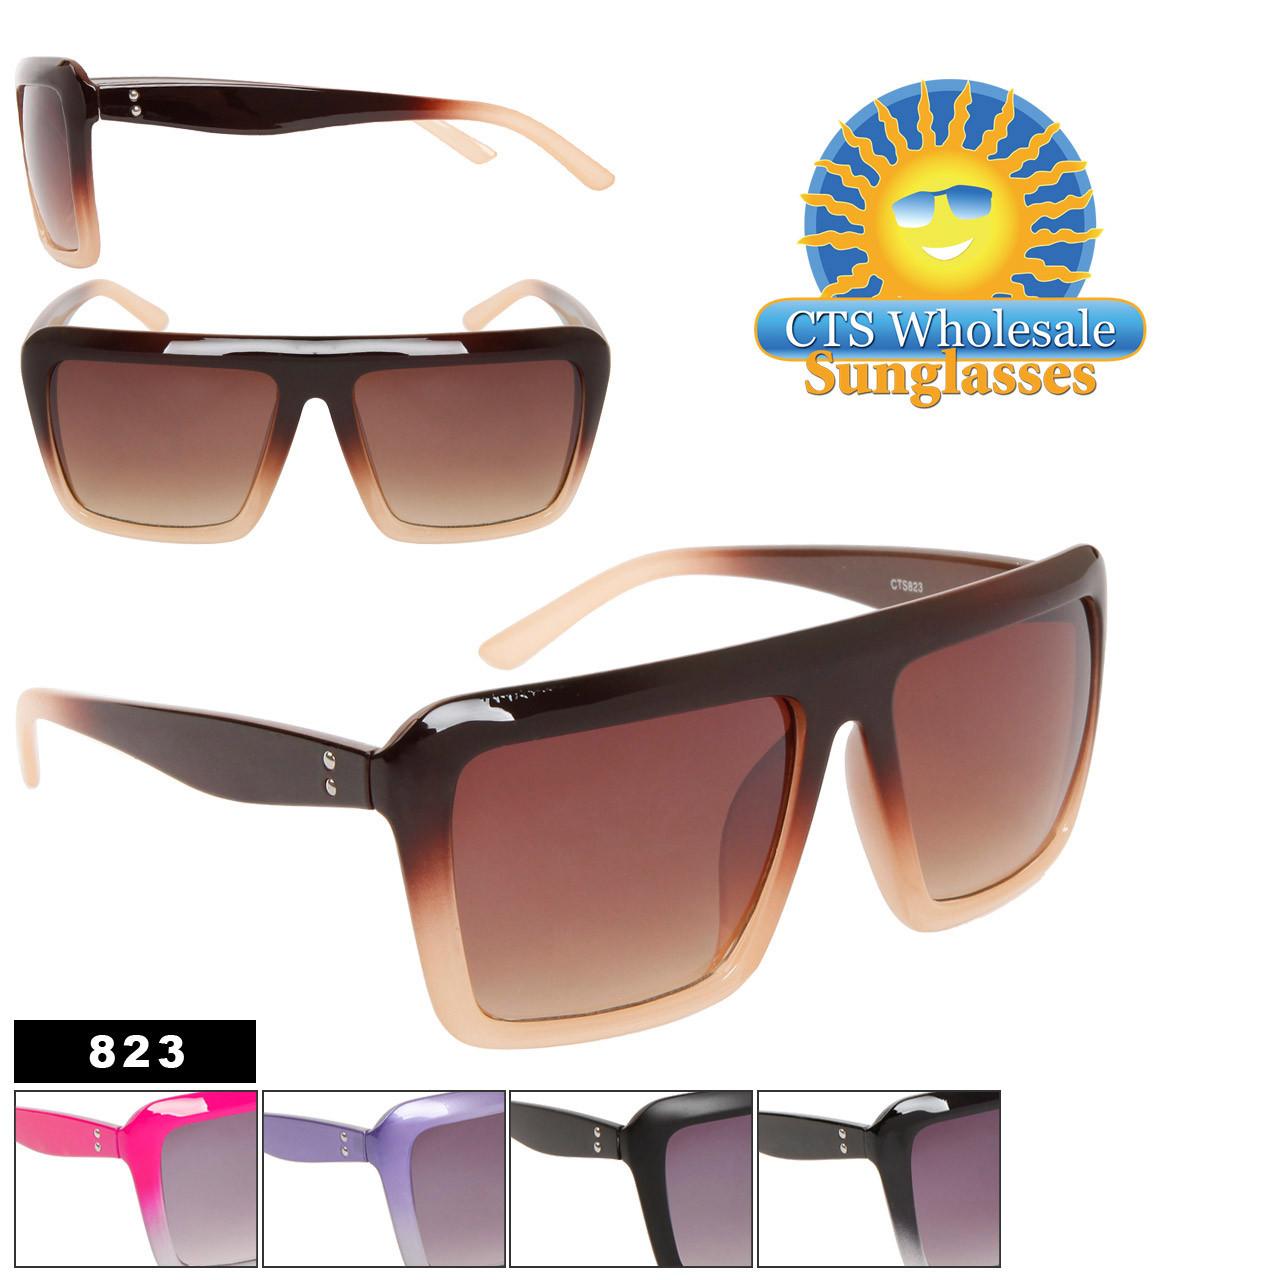 Wholesale Sunglasses 823 Square Frames (Assorted Colors) (12 pcs.)